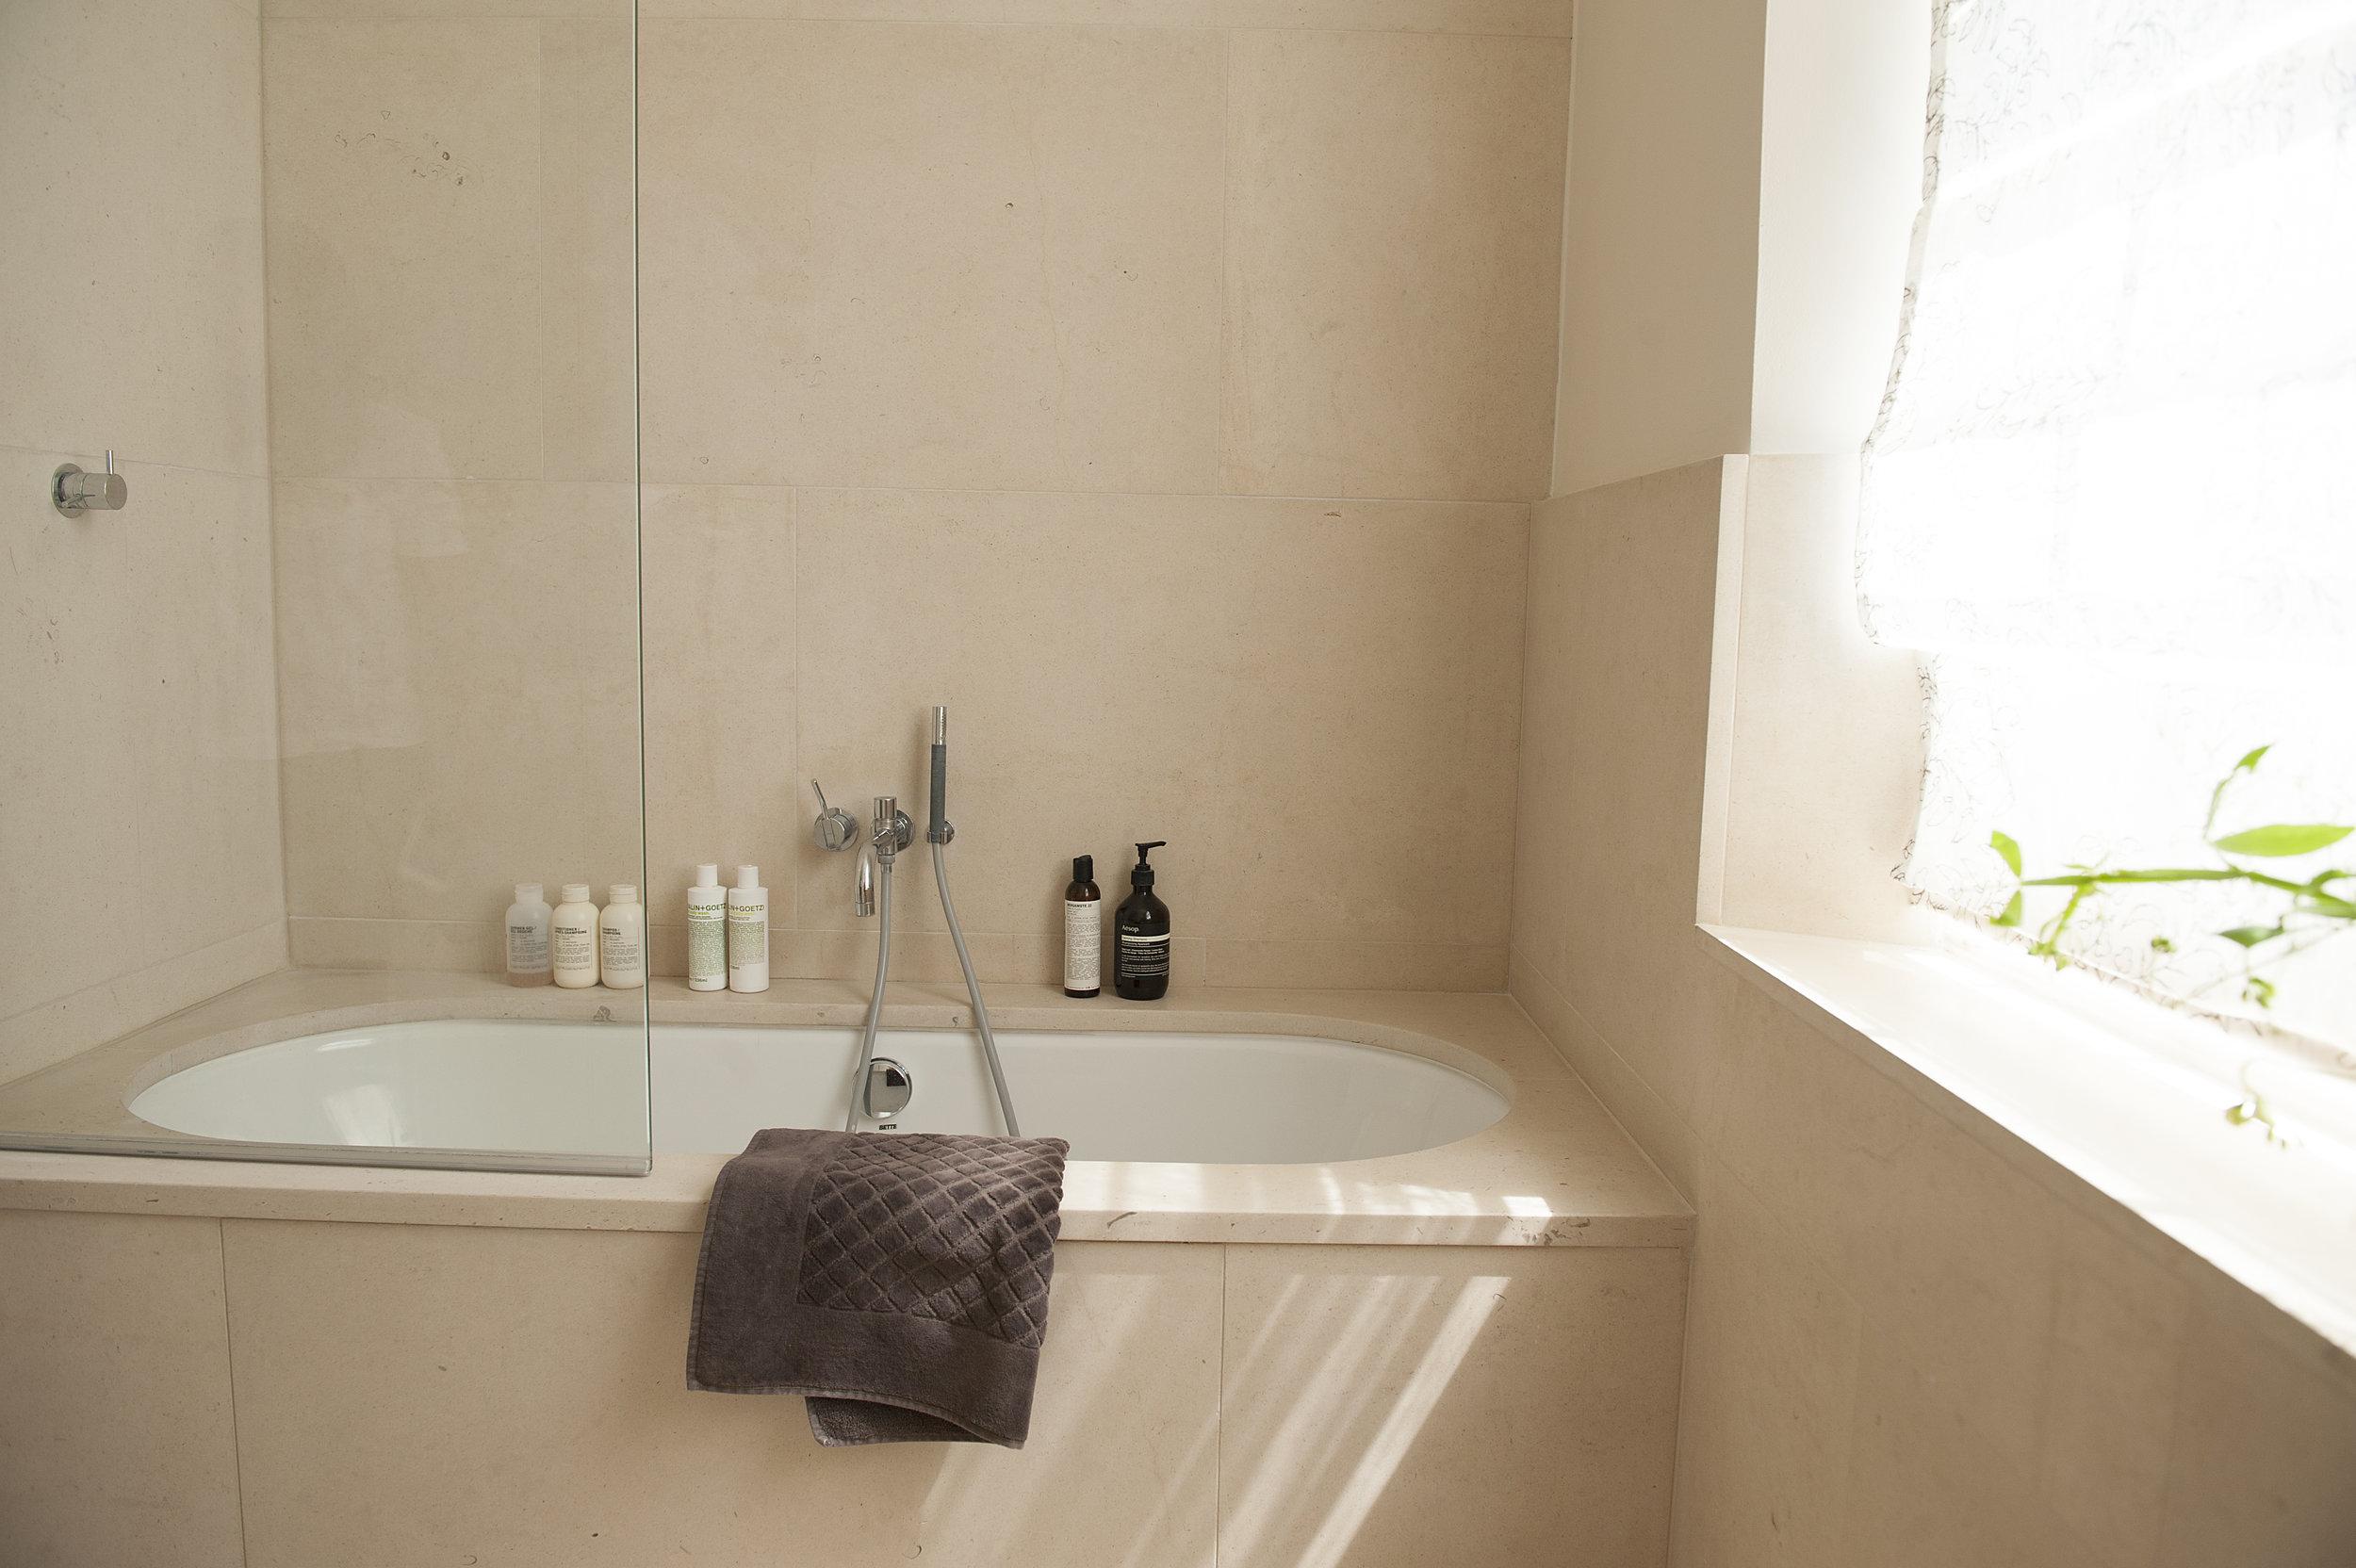 mainbathroom0419.jpg